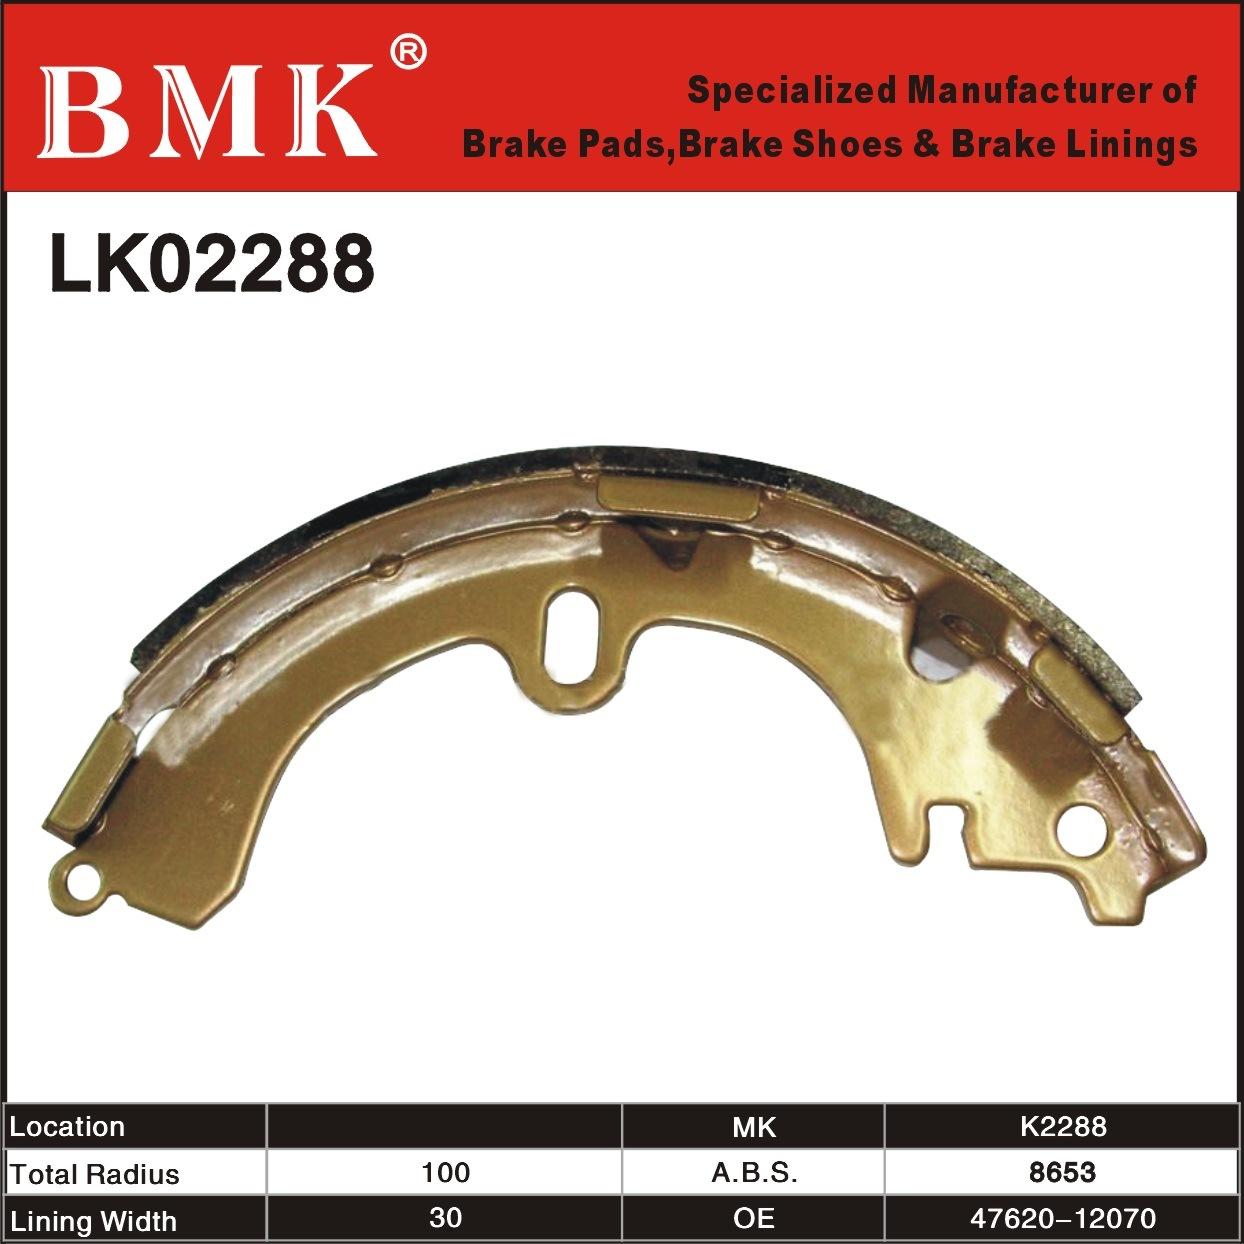 La calidad avanzada de zapatas de freno (K2288)